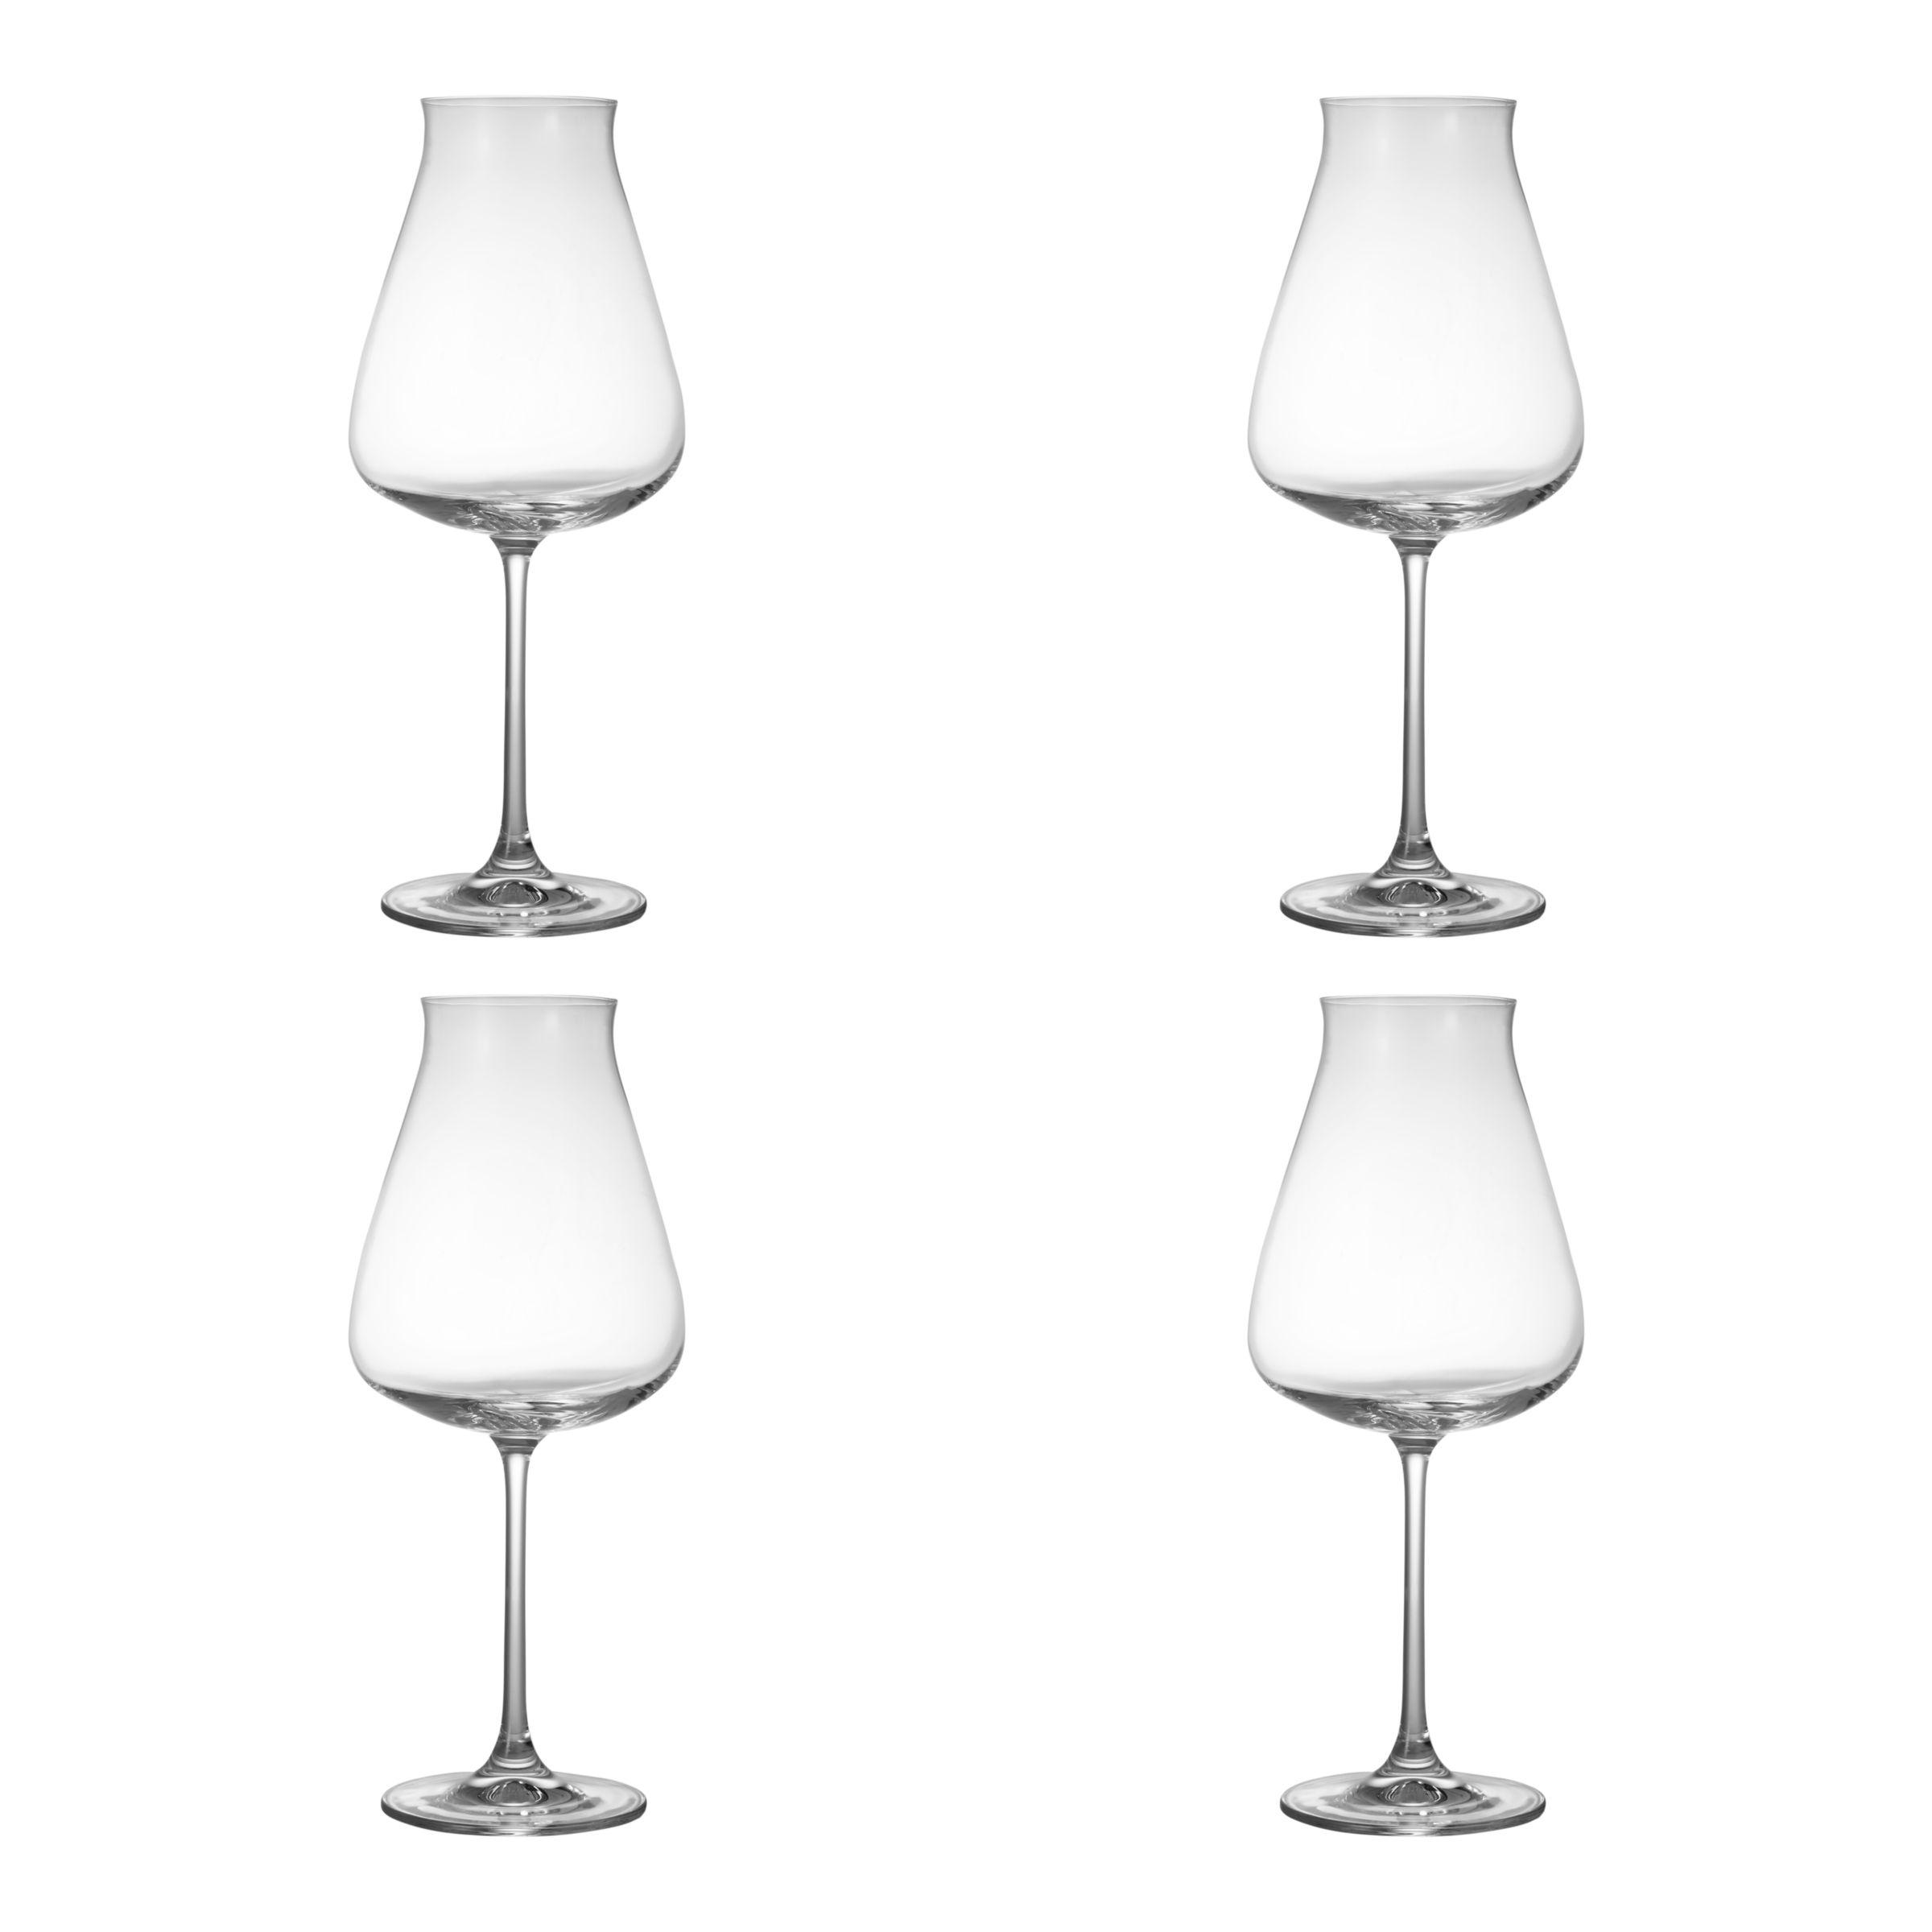 john lewis cellar crystal red wine glasses 0 7l. Black Bedroom Furniture Sets. Home Design Ideas